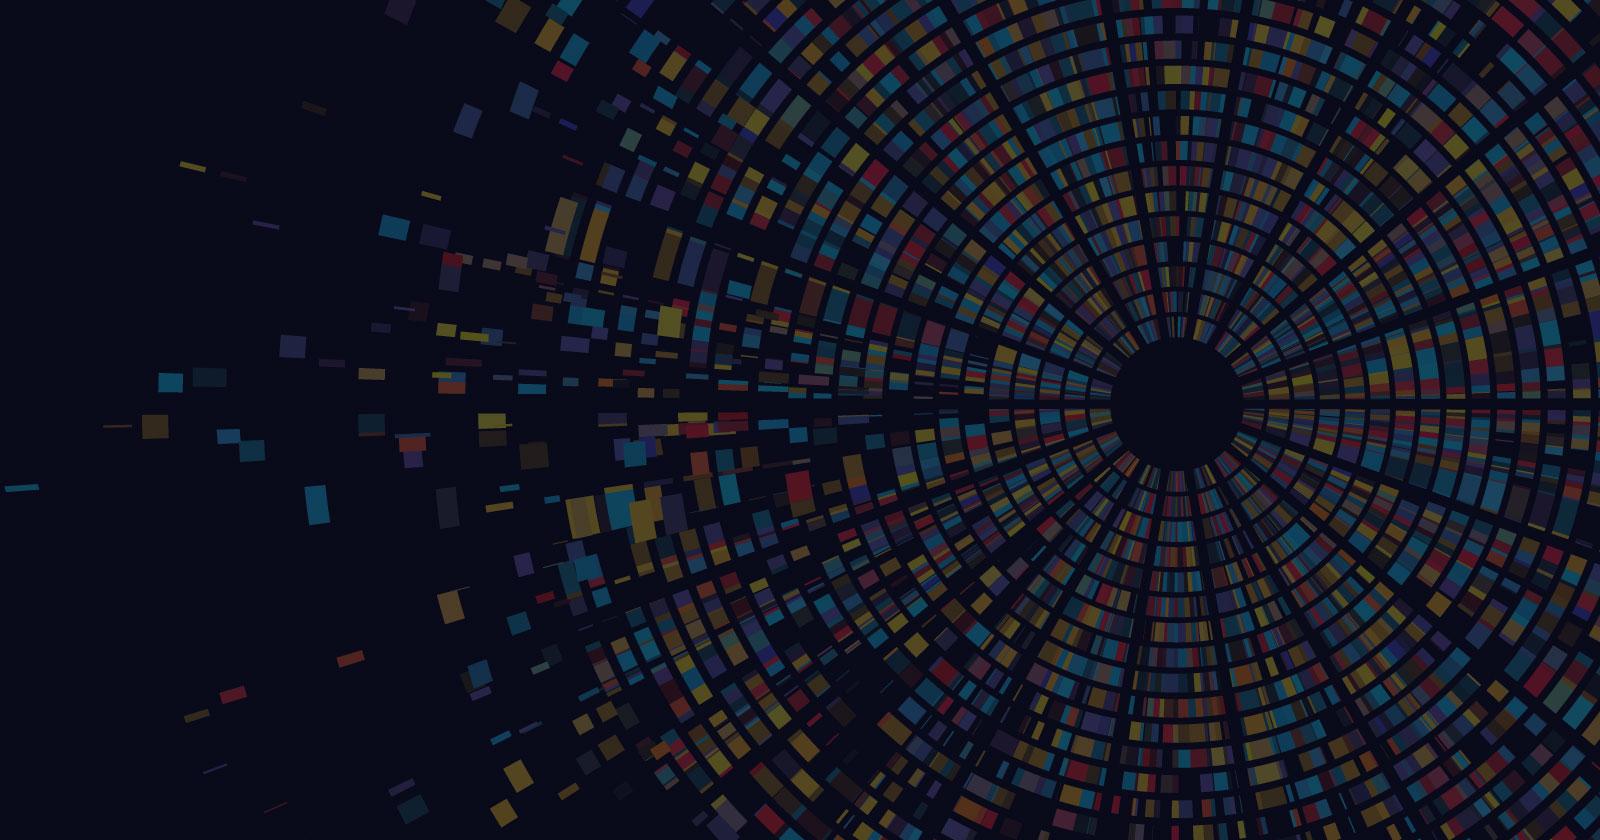 Bioinformatic Analysis